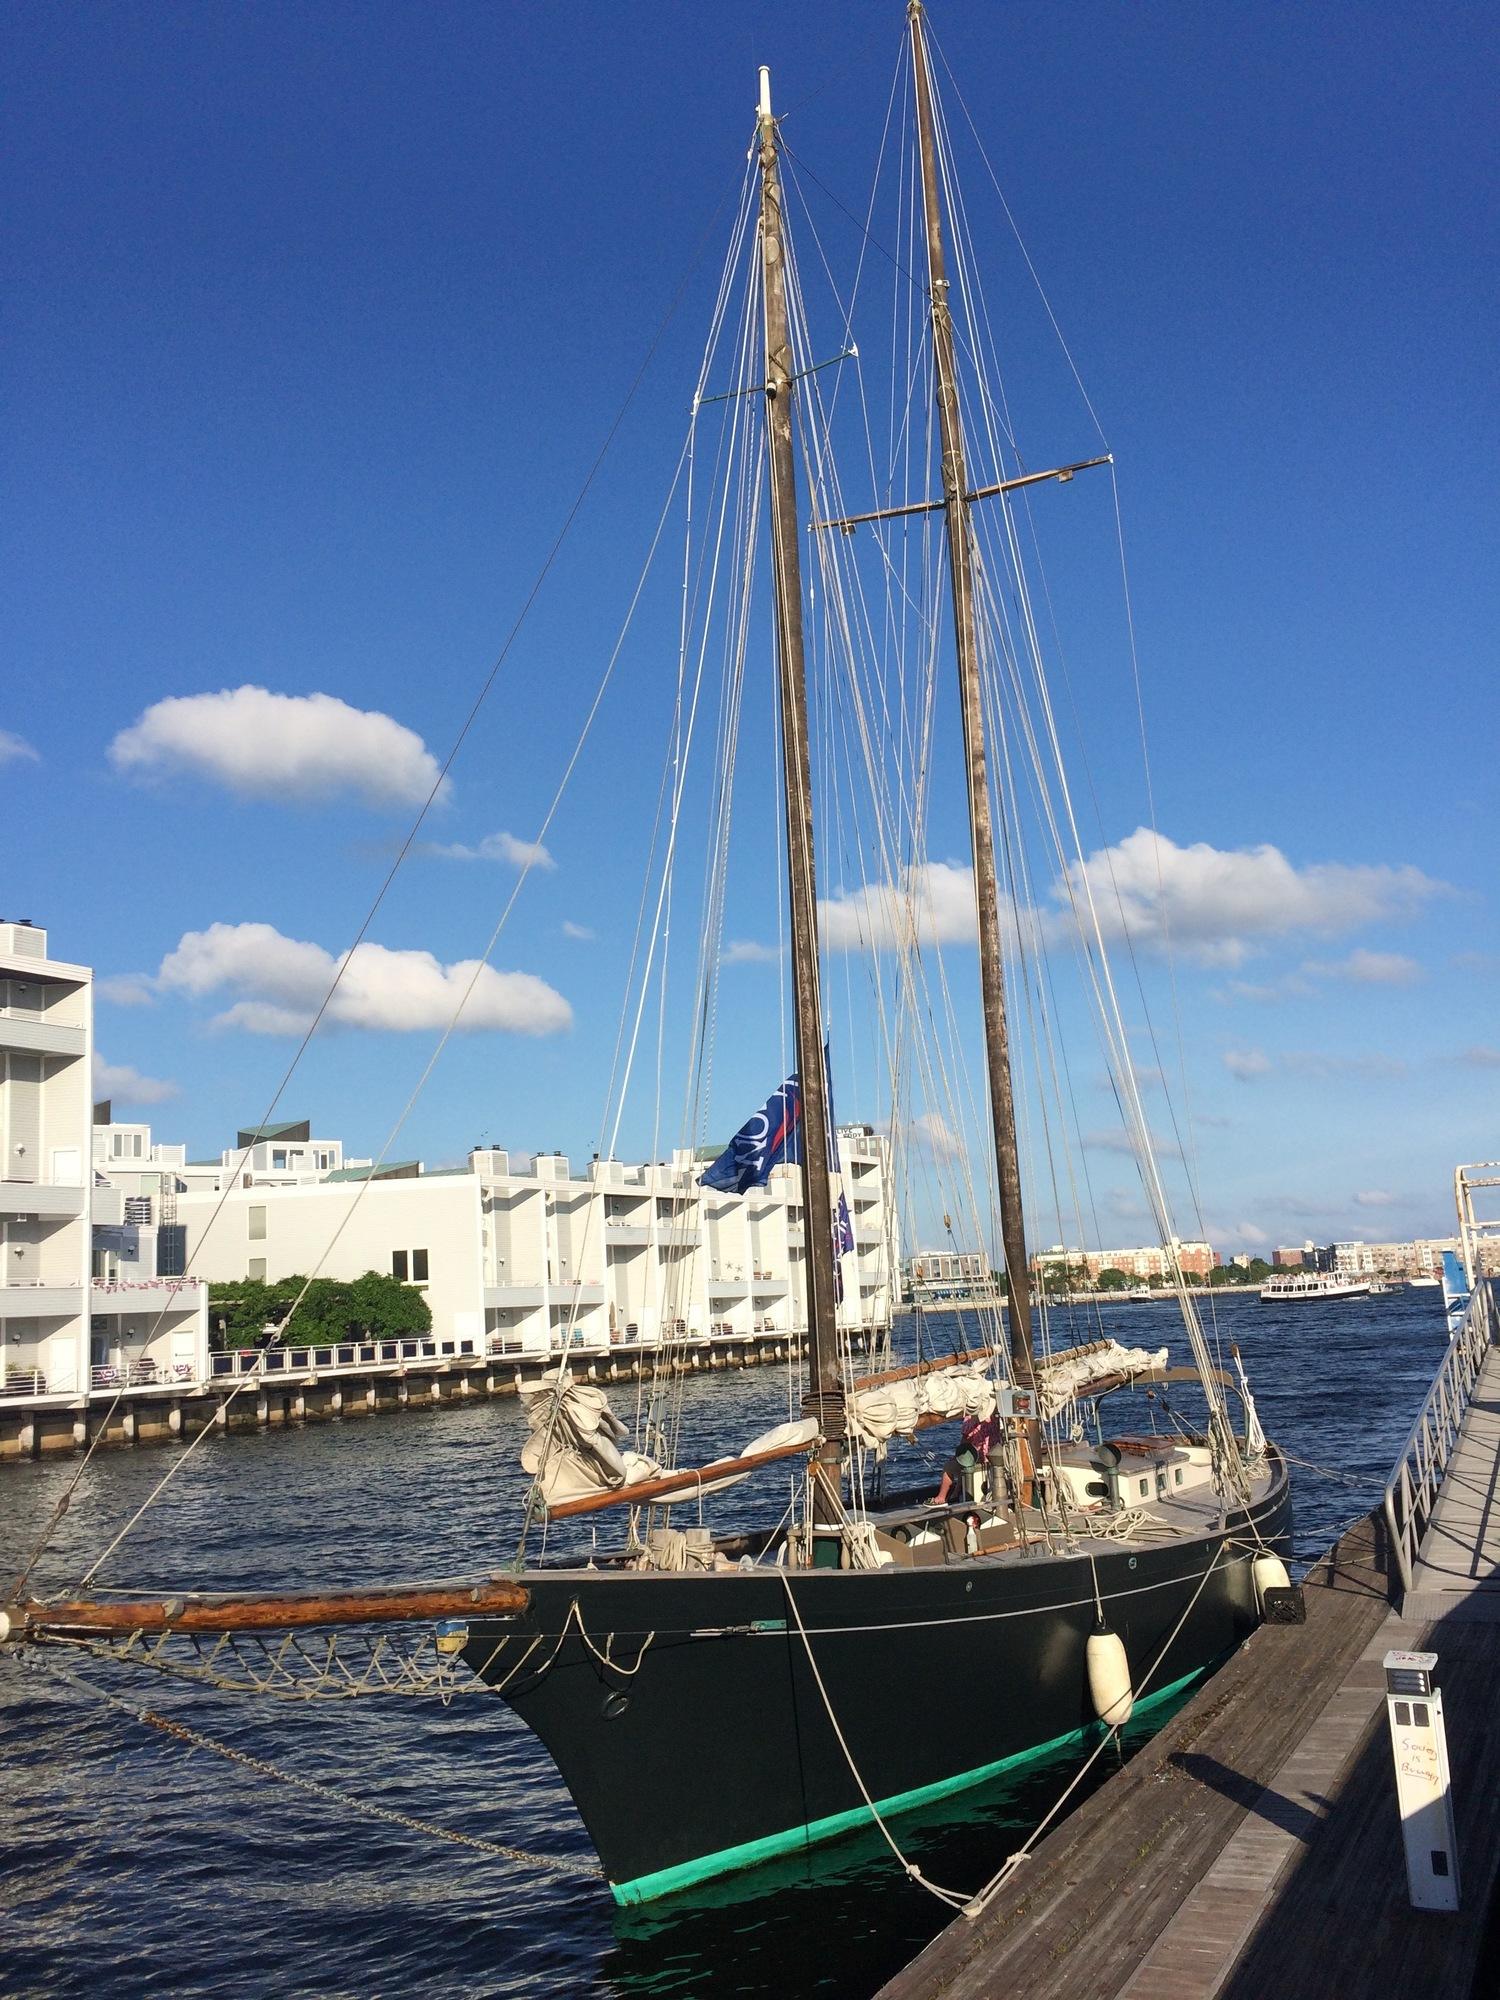 unbounded-adventures_schooner-tyrone-6.jpg